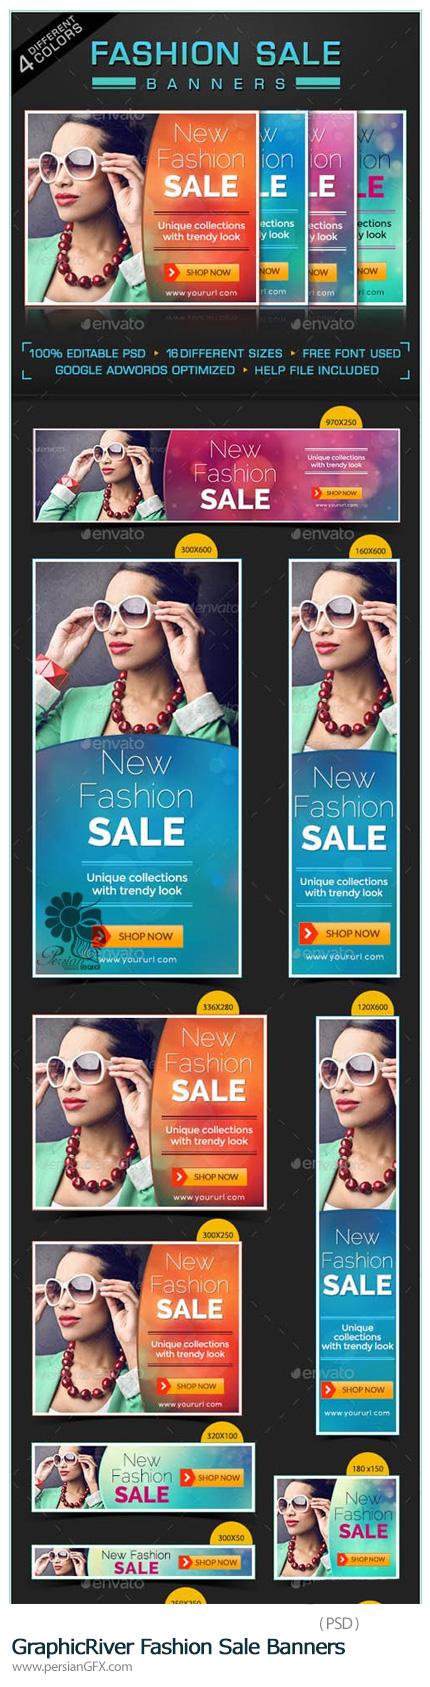 دانلود تصاویر لایه باز بنرهای تبلیغاتی فشن از گرافیک ریور - GraphicRiver Fashion Sale Banners